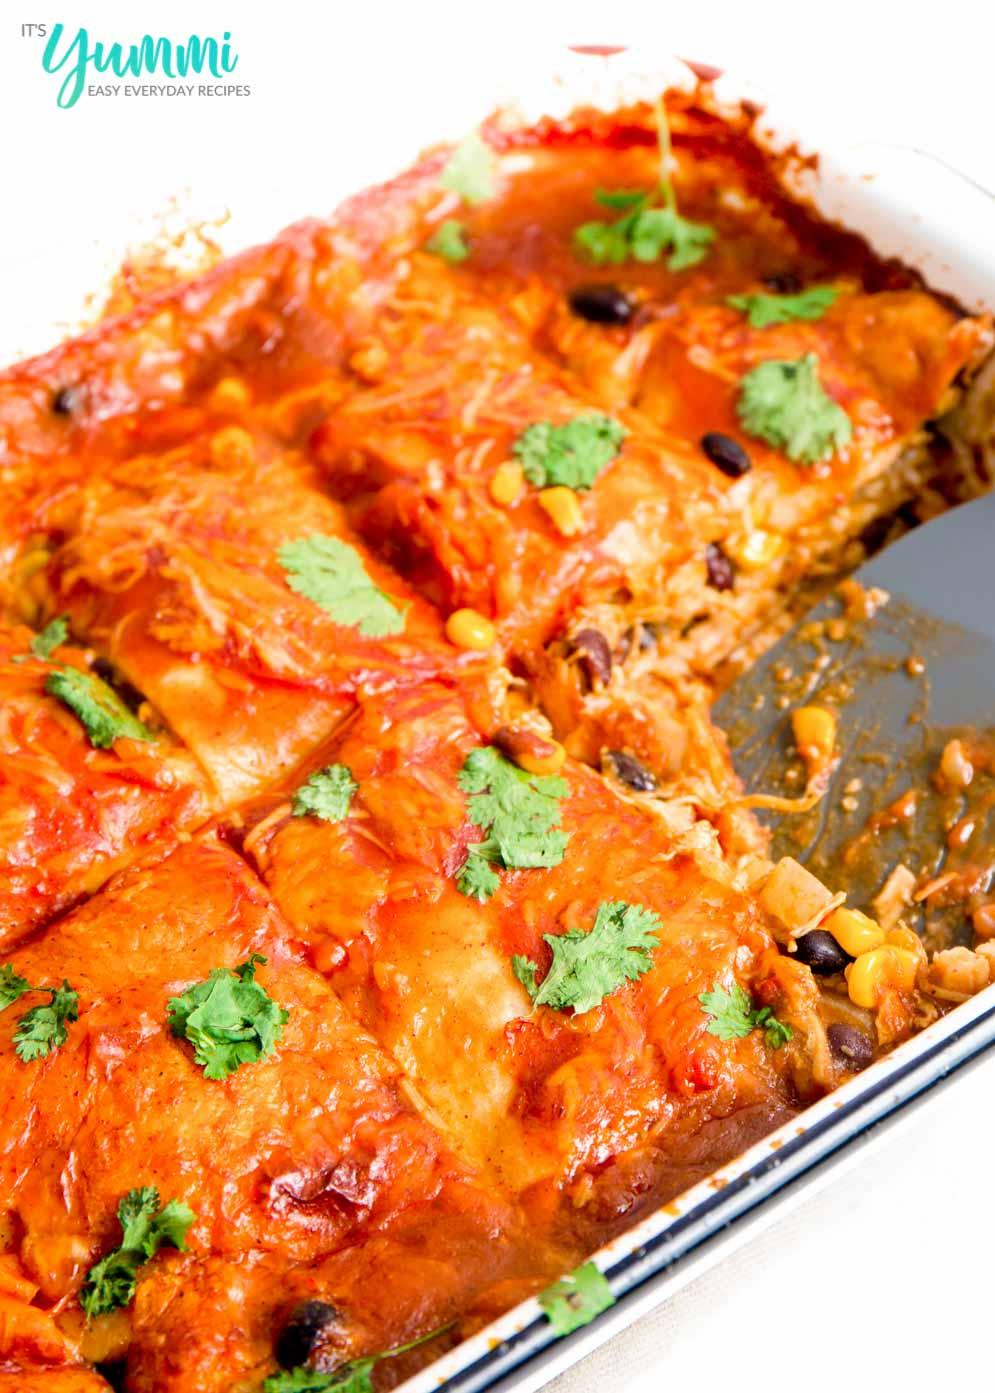 Chicken Enchilada Casserole using canned chicken